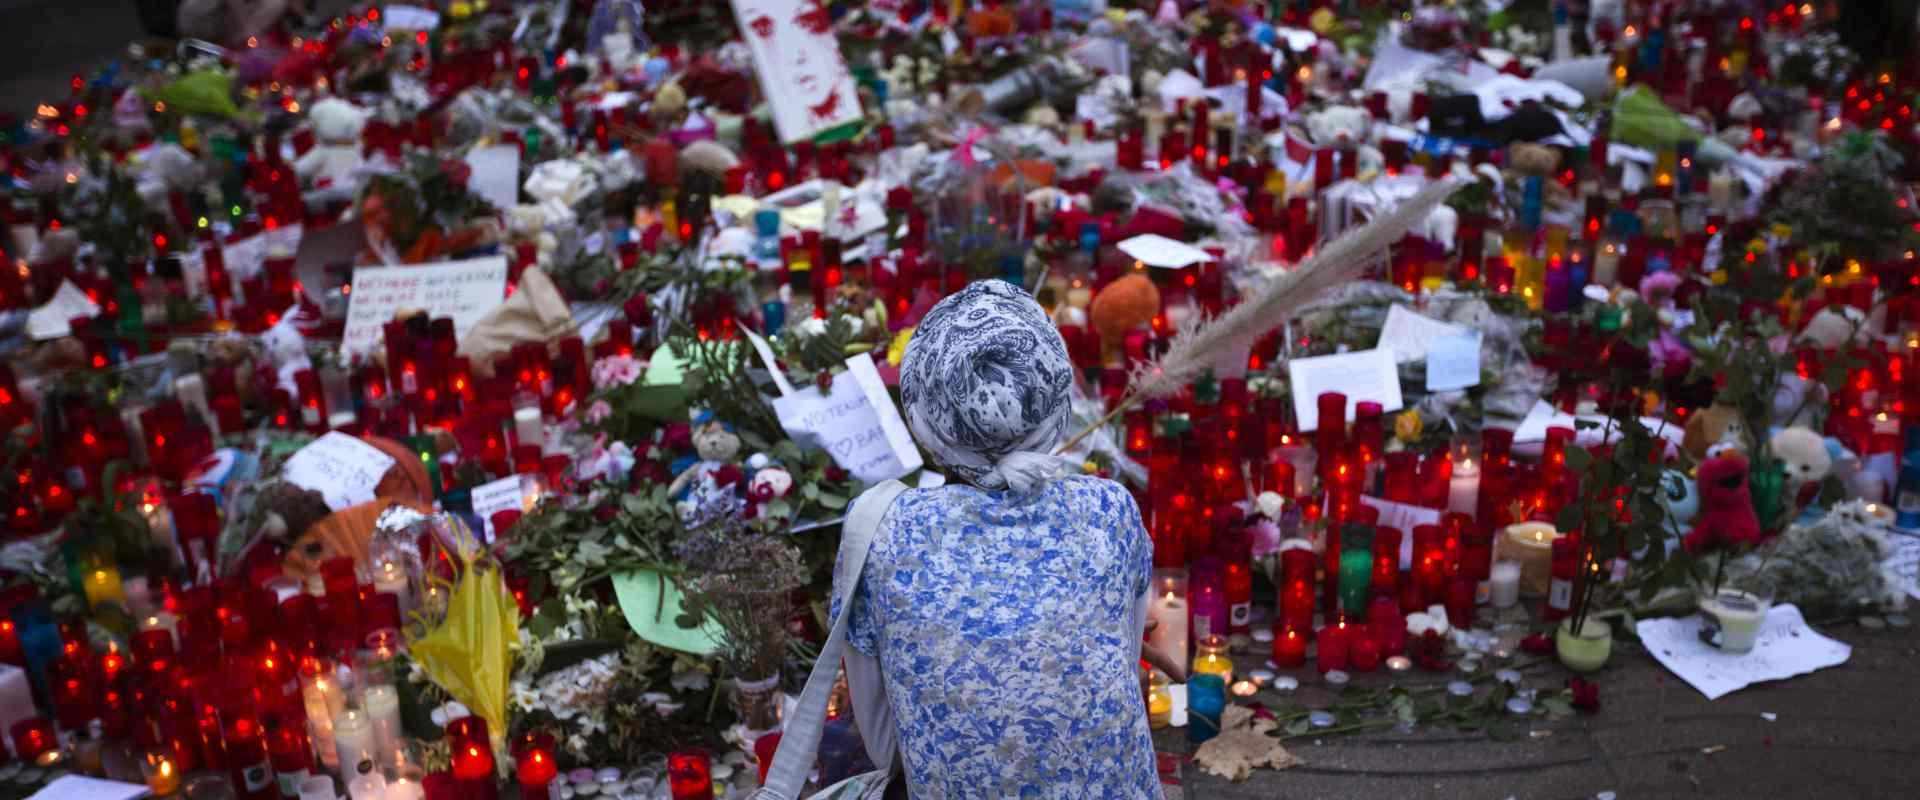 מתאבלים בזירת הפיגוע בברצלונה